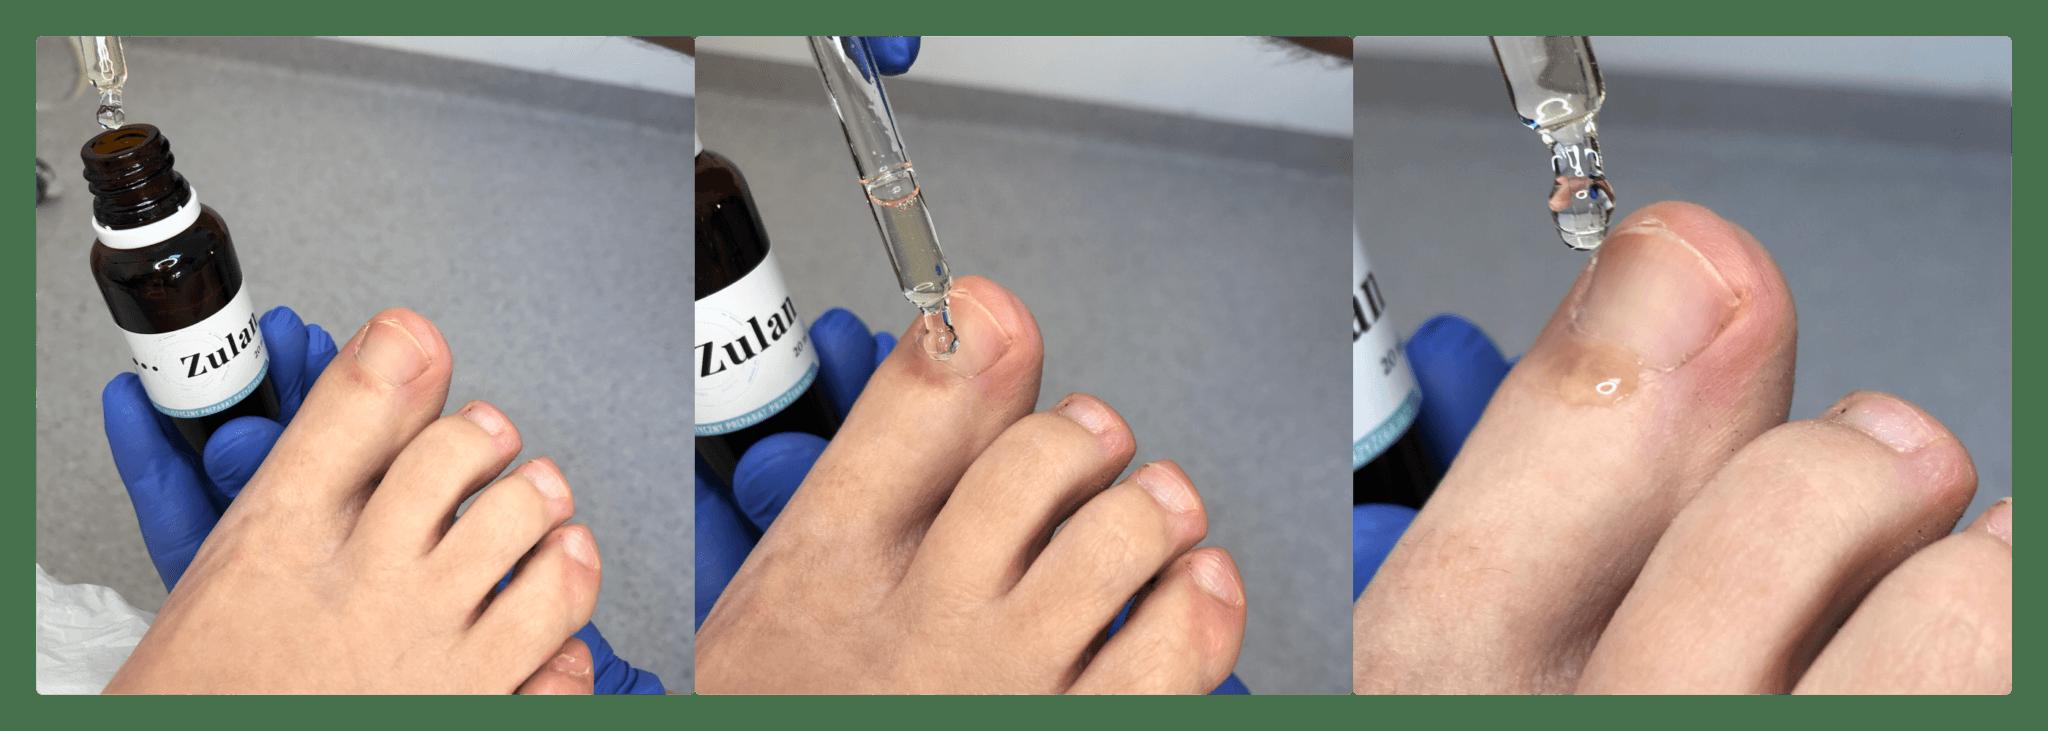 zulan 5 - Przykłady stosowania ZULAN™ w praktyce podologicznej